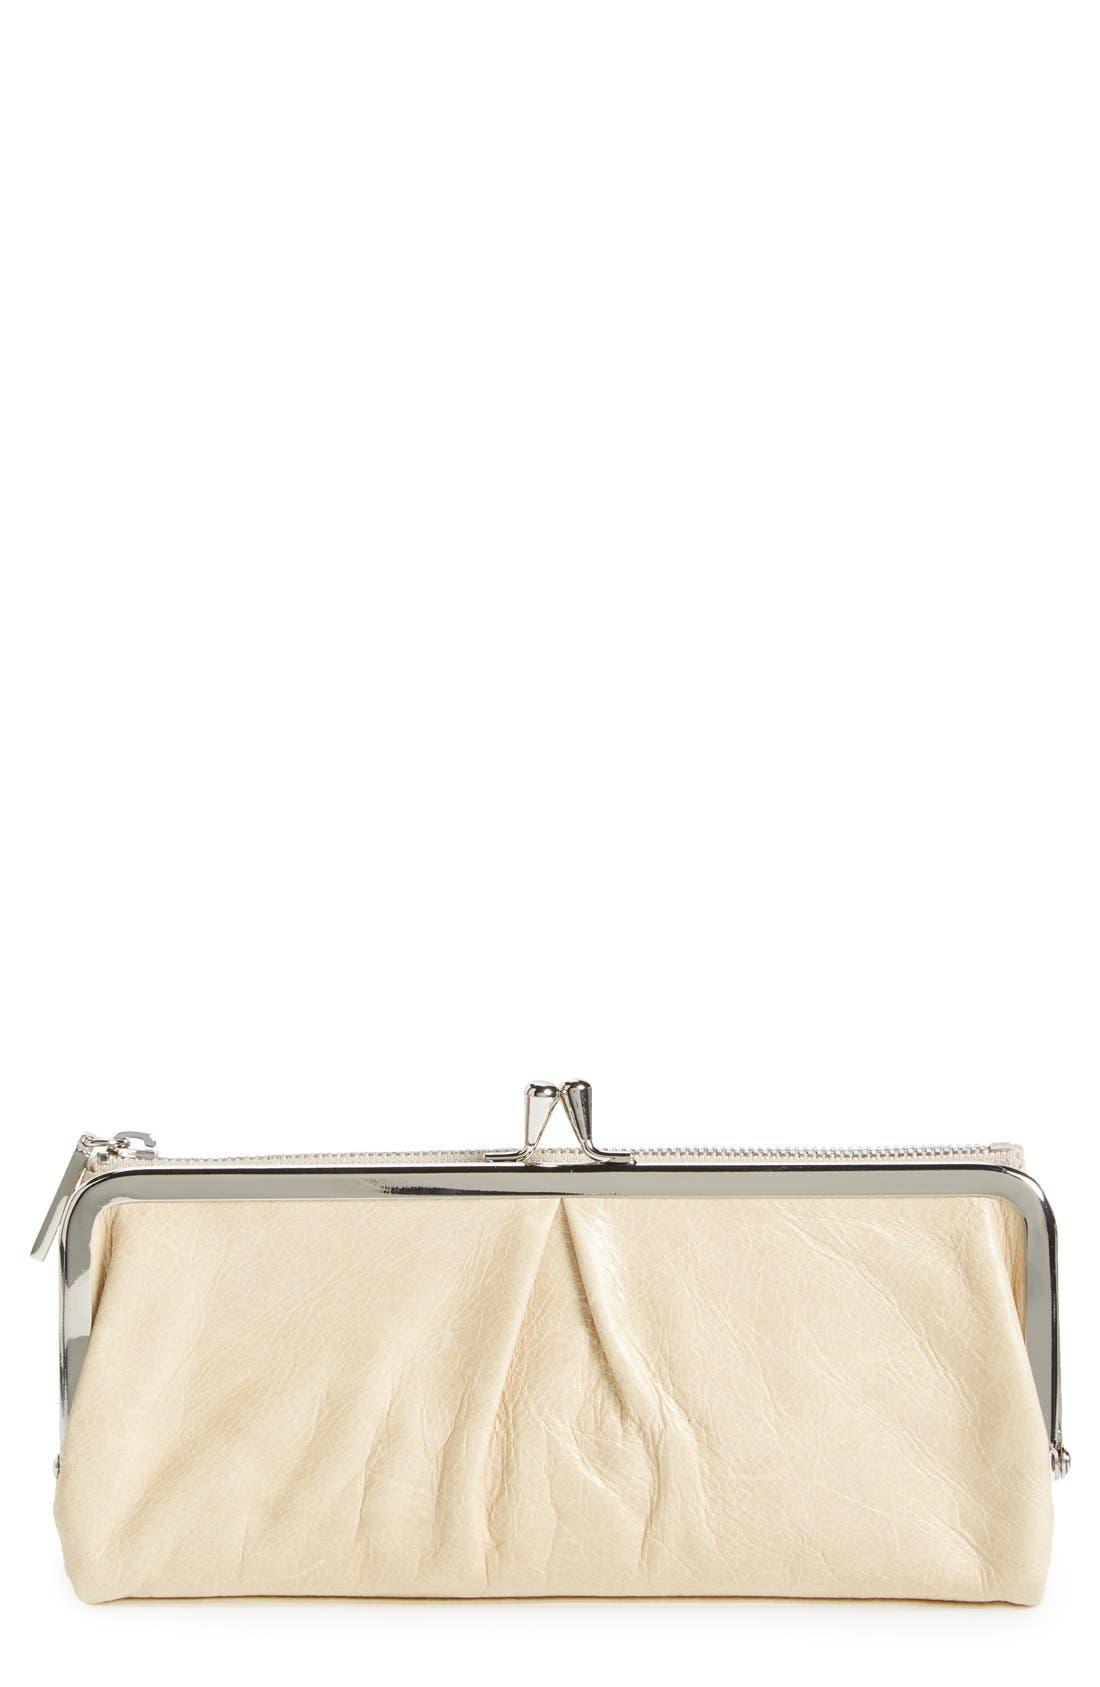 Alternate Image 1 Selected - Hobo 'Vera' Frame Clutch Wallet